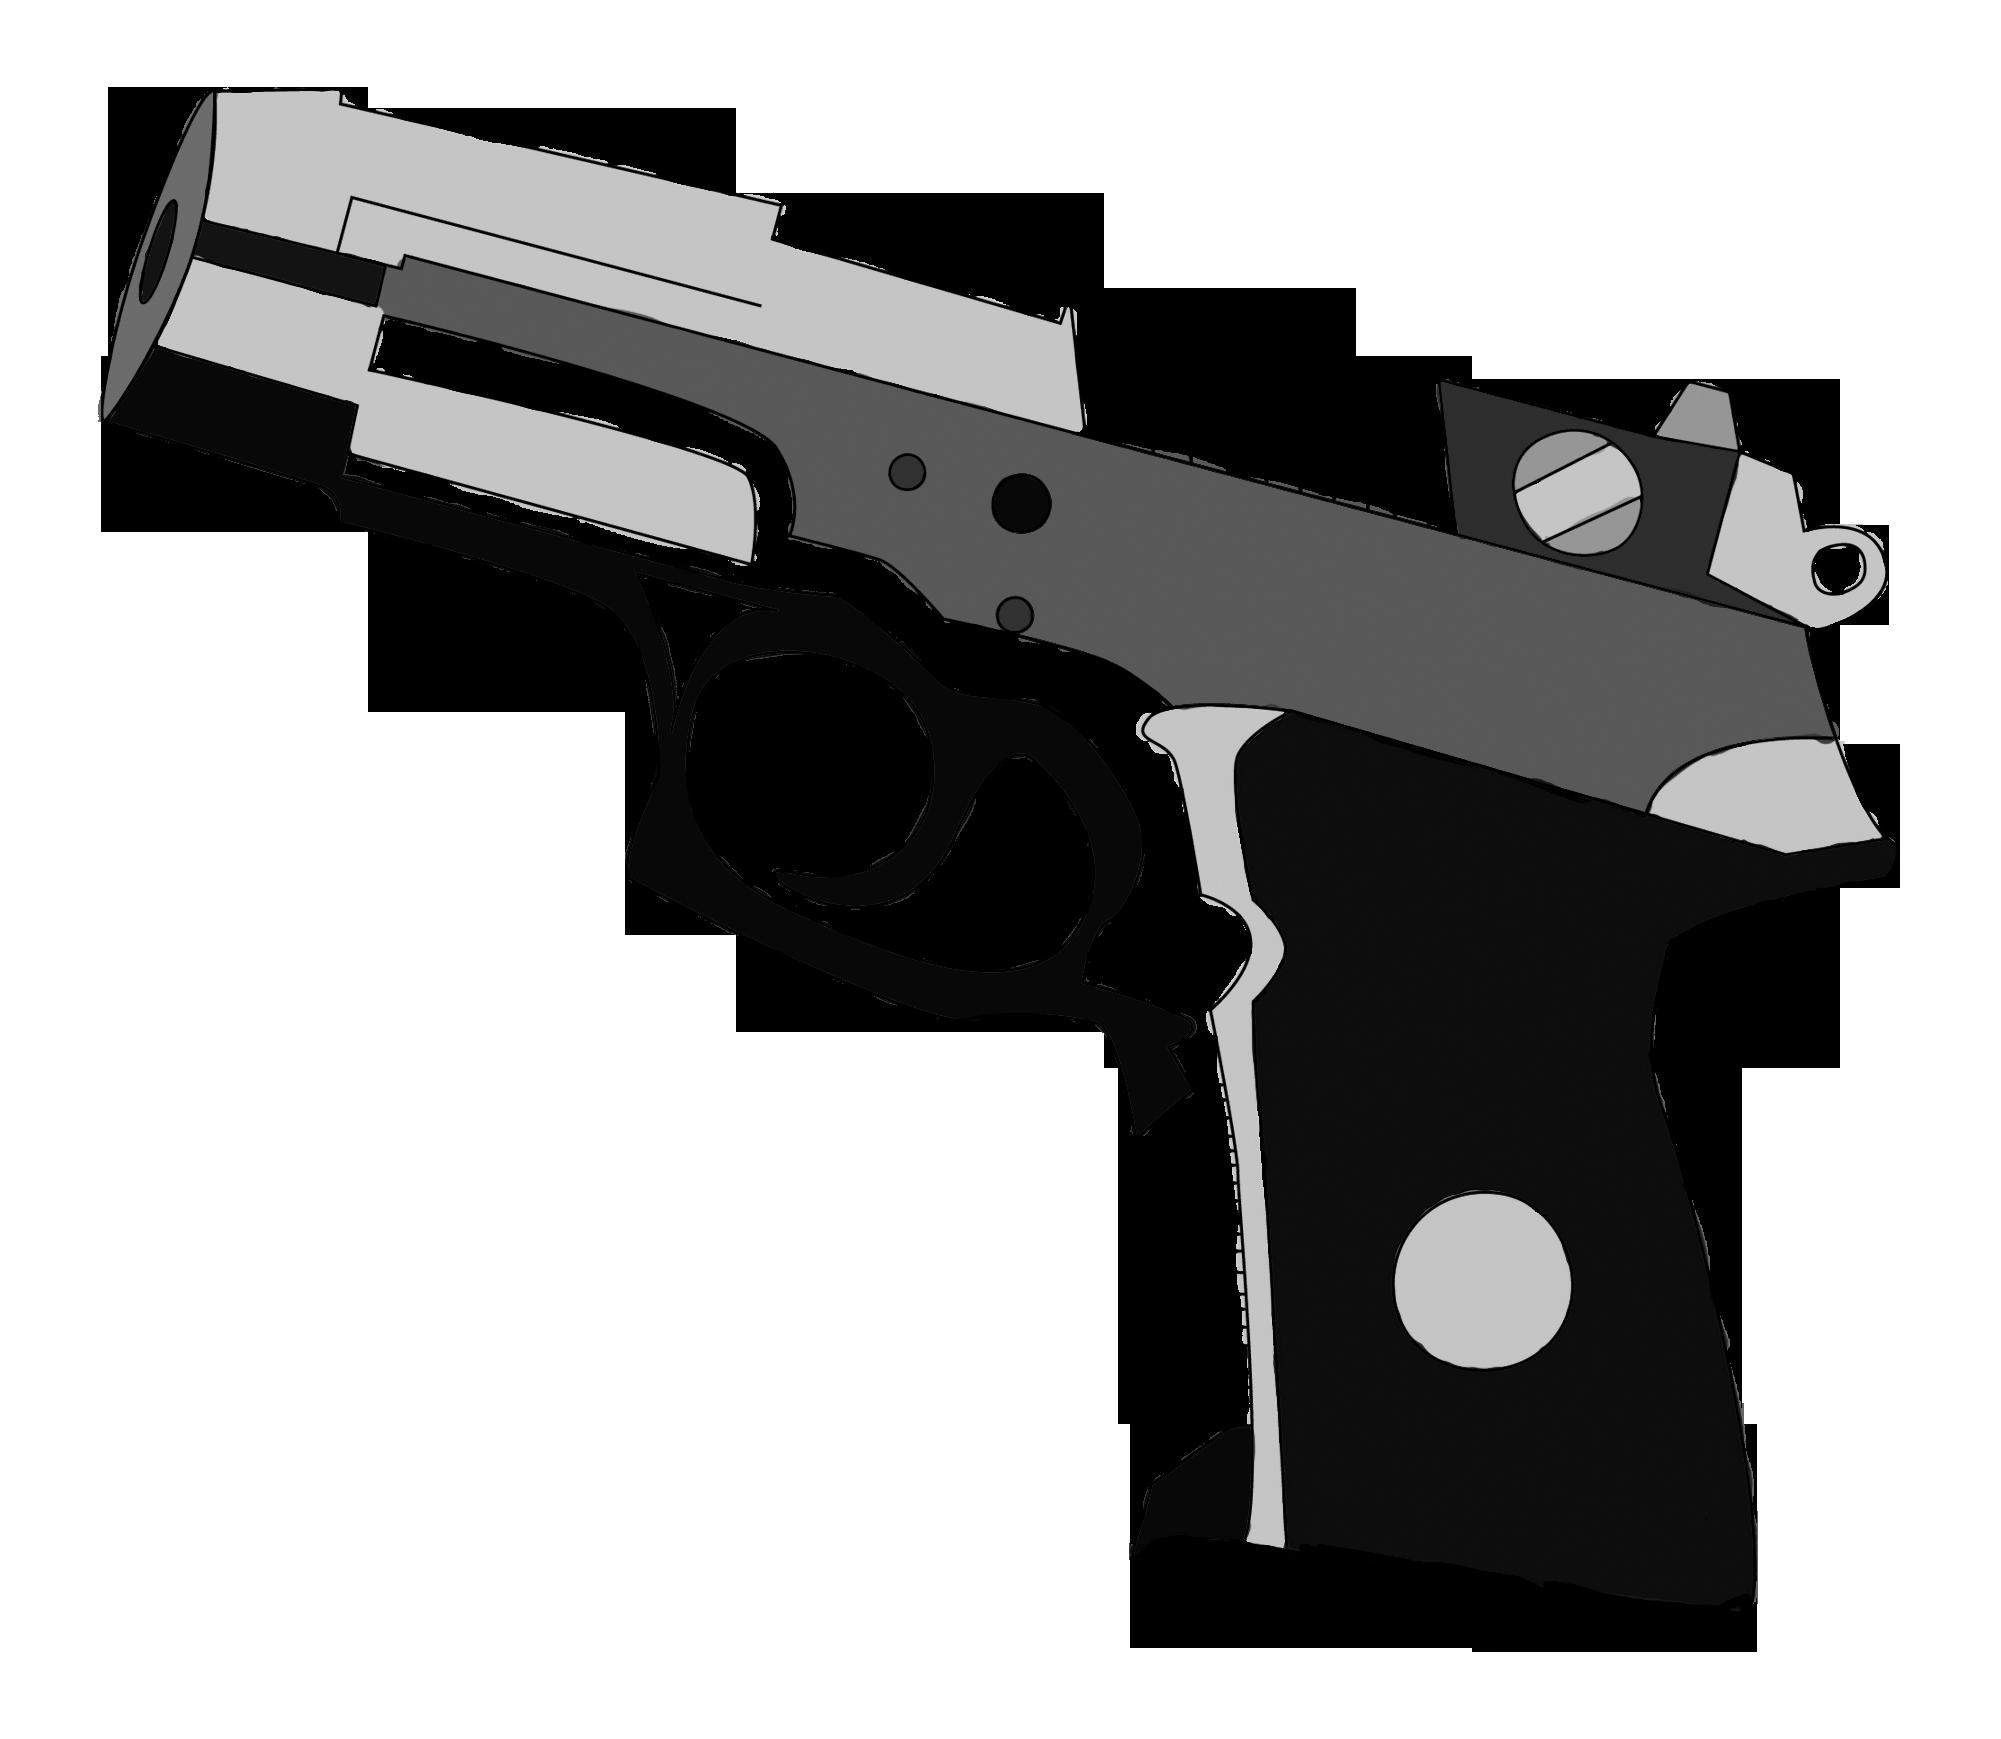 gun write-up backlash